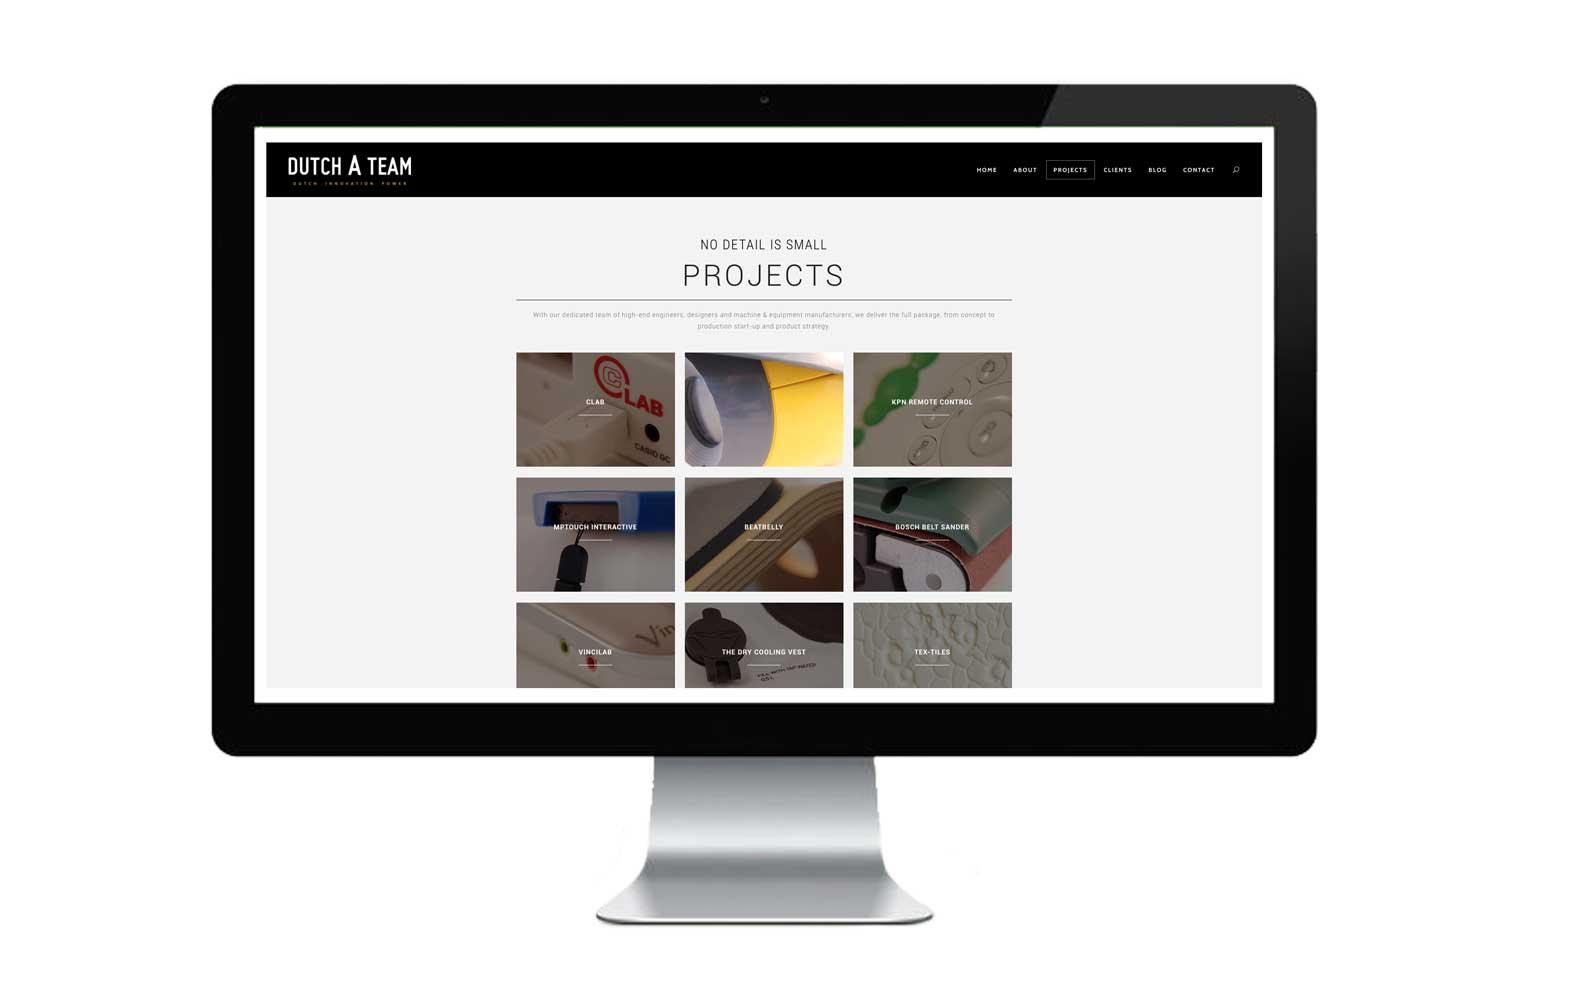 StudioErnst-DutchATeam-website5